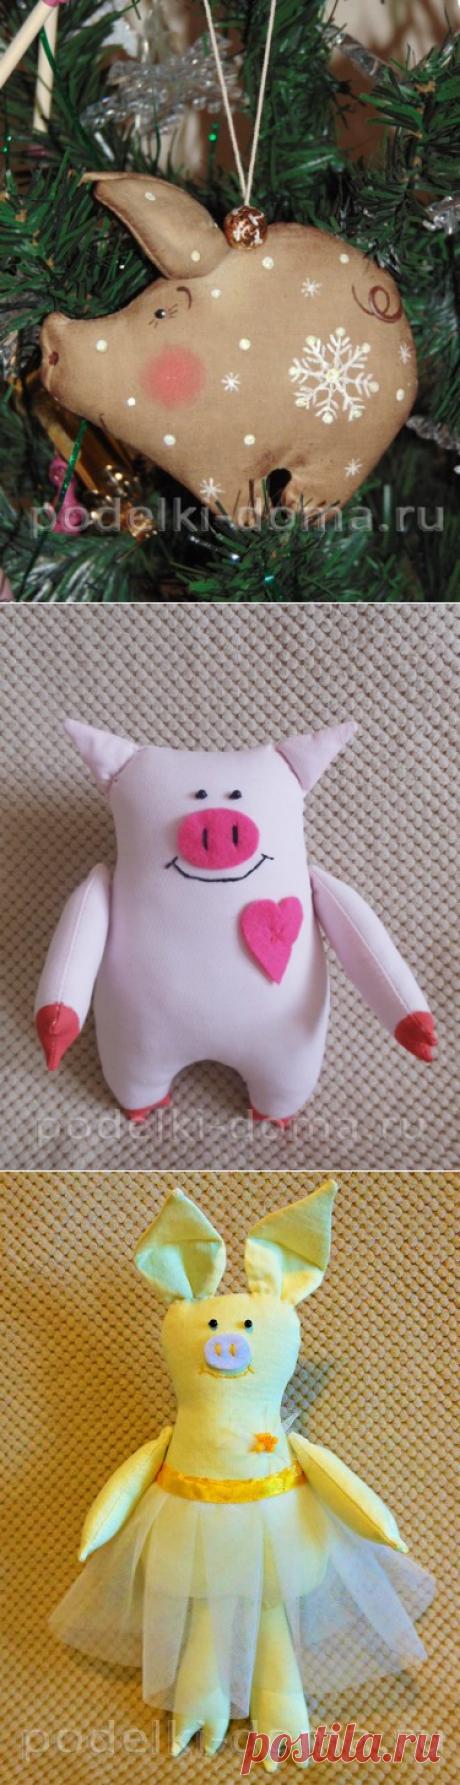 Как сшить свинку из ткани - символ 2019 года. Мастер-класс с выкройкой | podelki-doma.ru